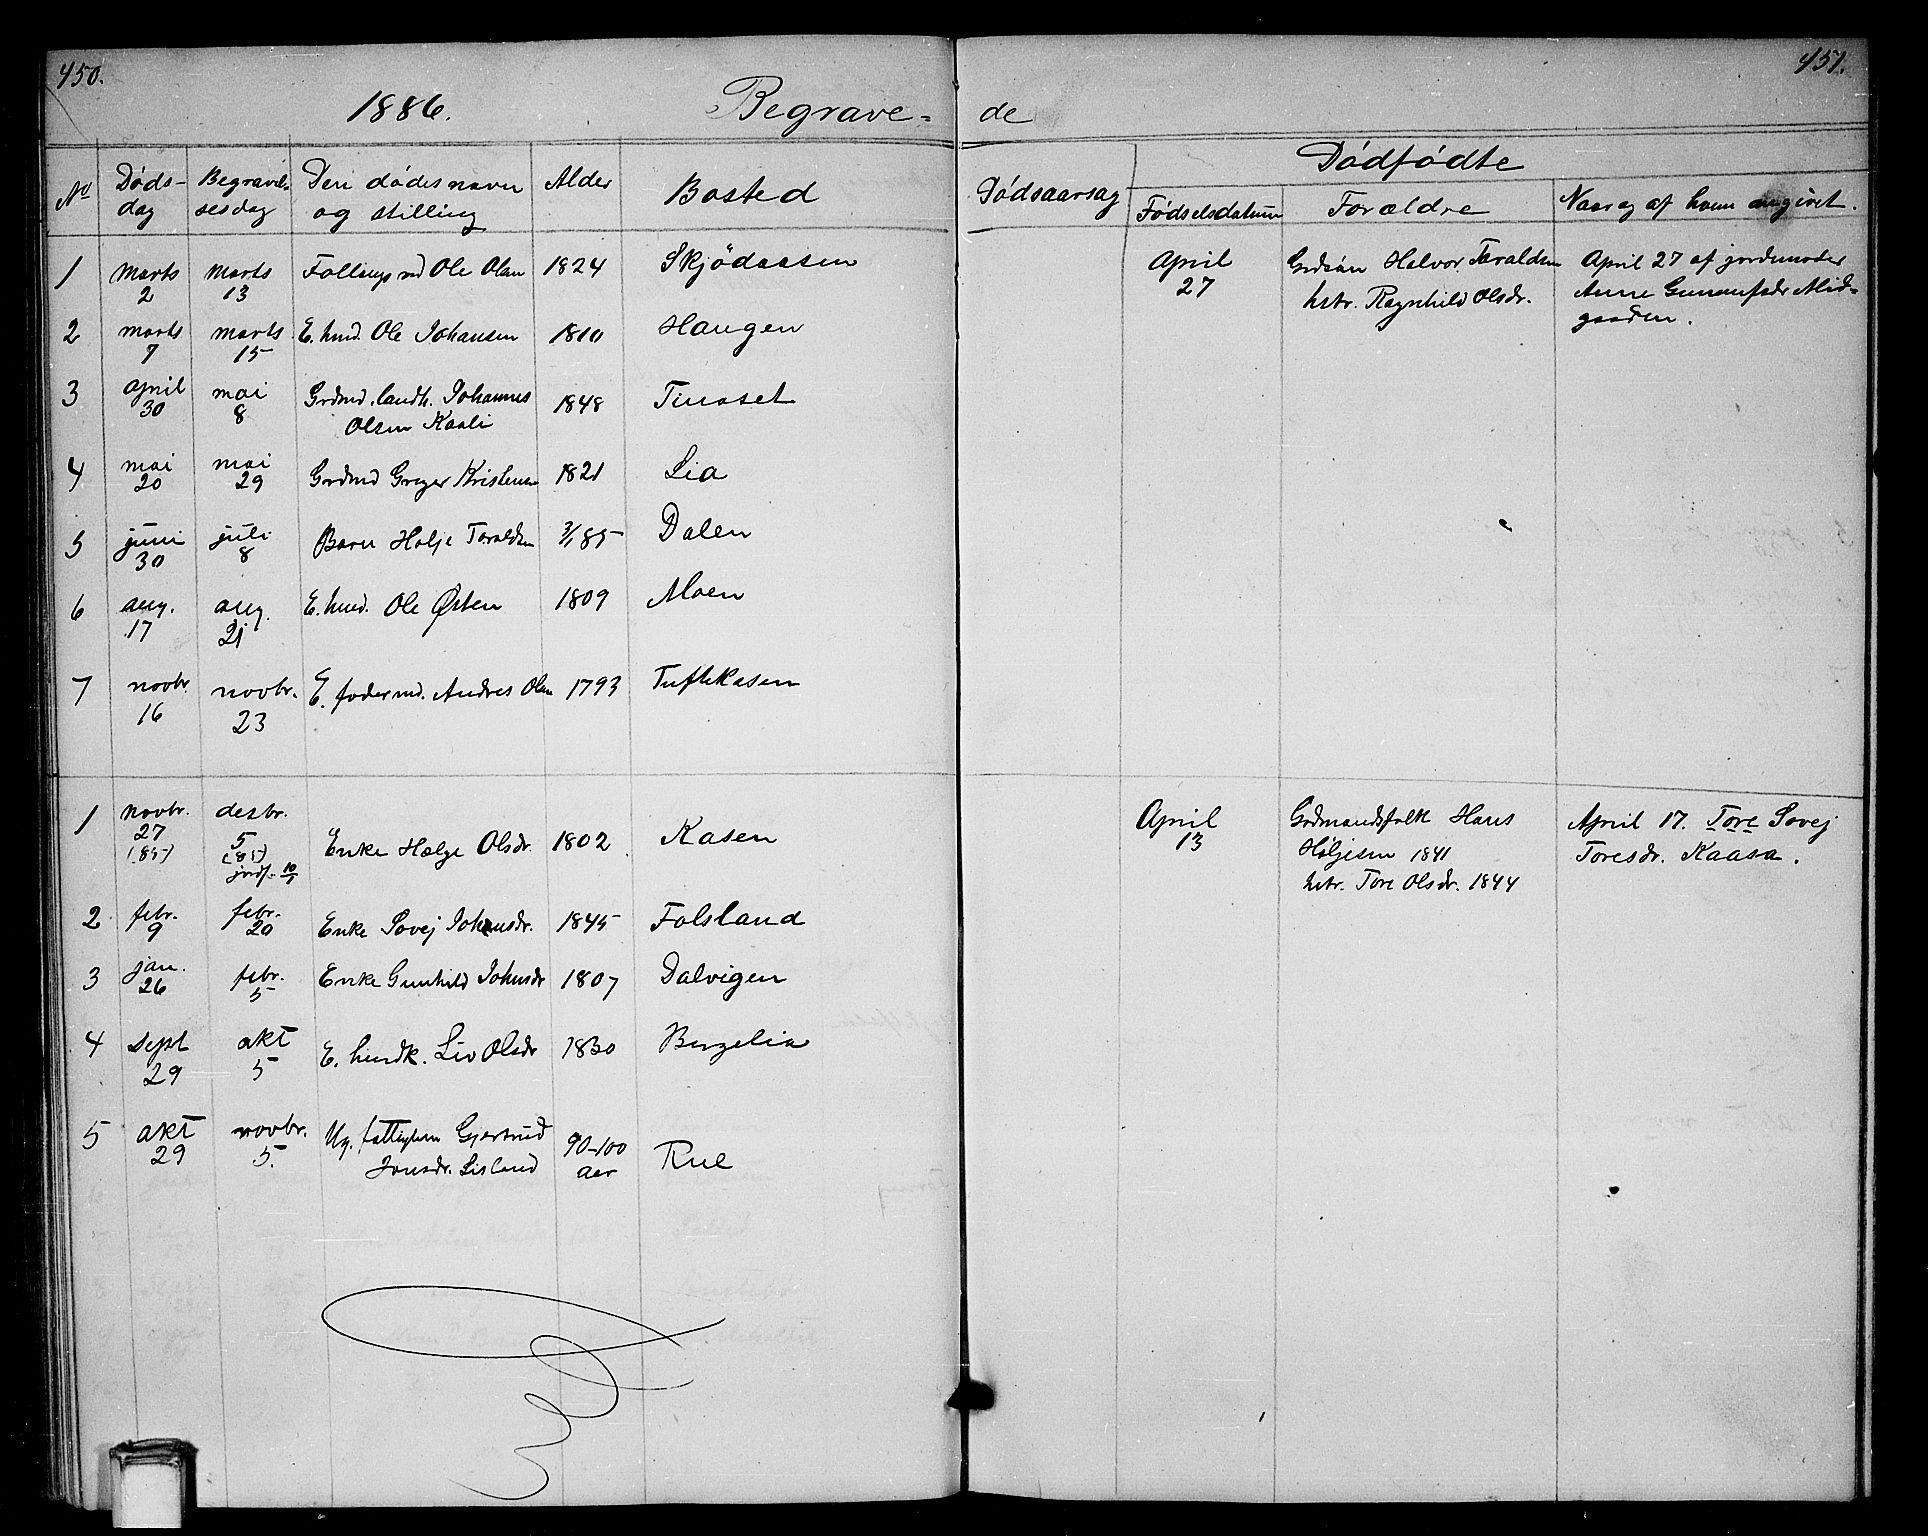 SAKO, Gransherad kirkebøker, G/Ga/L0002: Klokkerbok nr. I 2, 1854-1886, s. 450-451